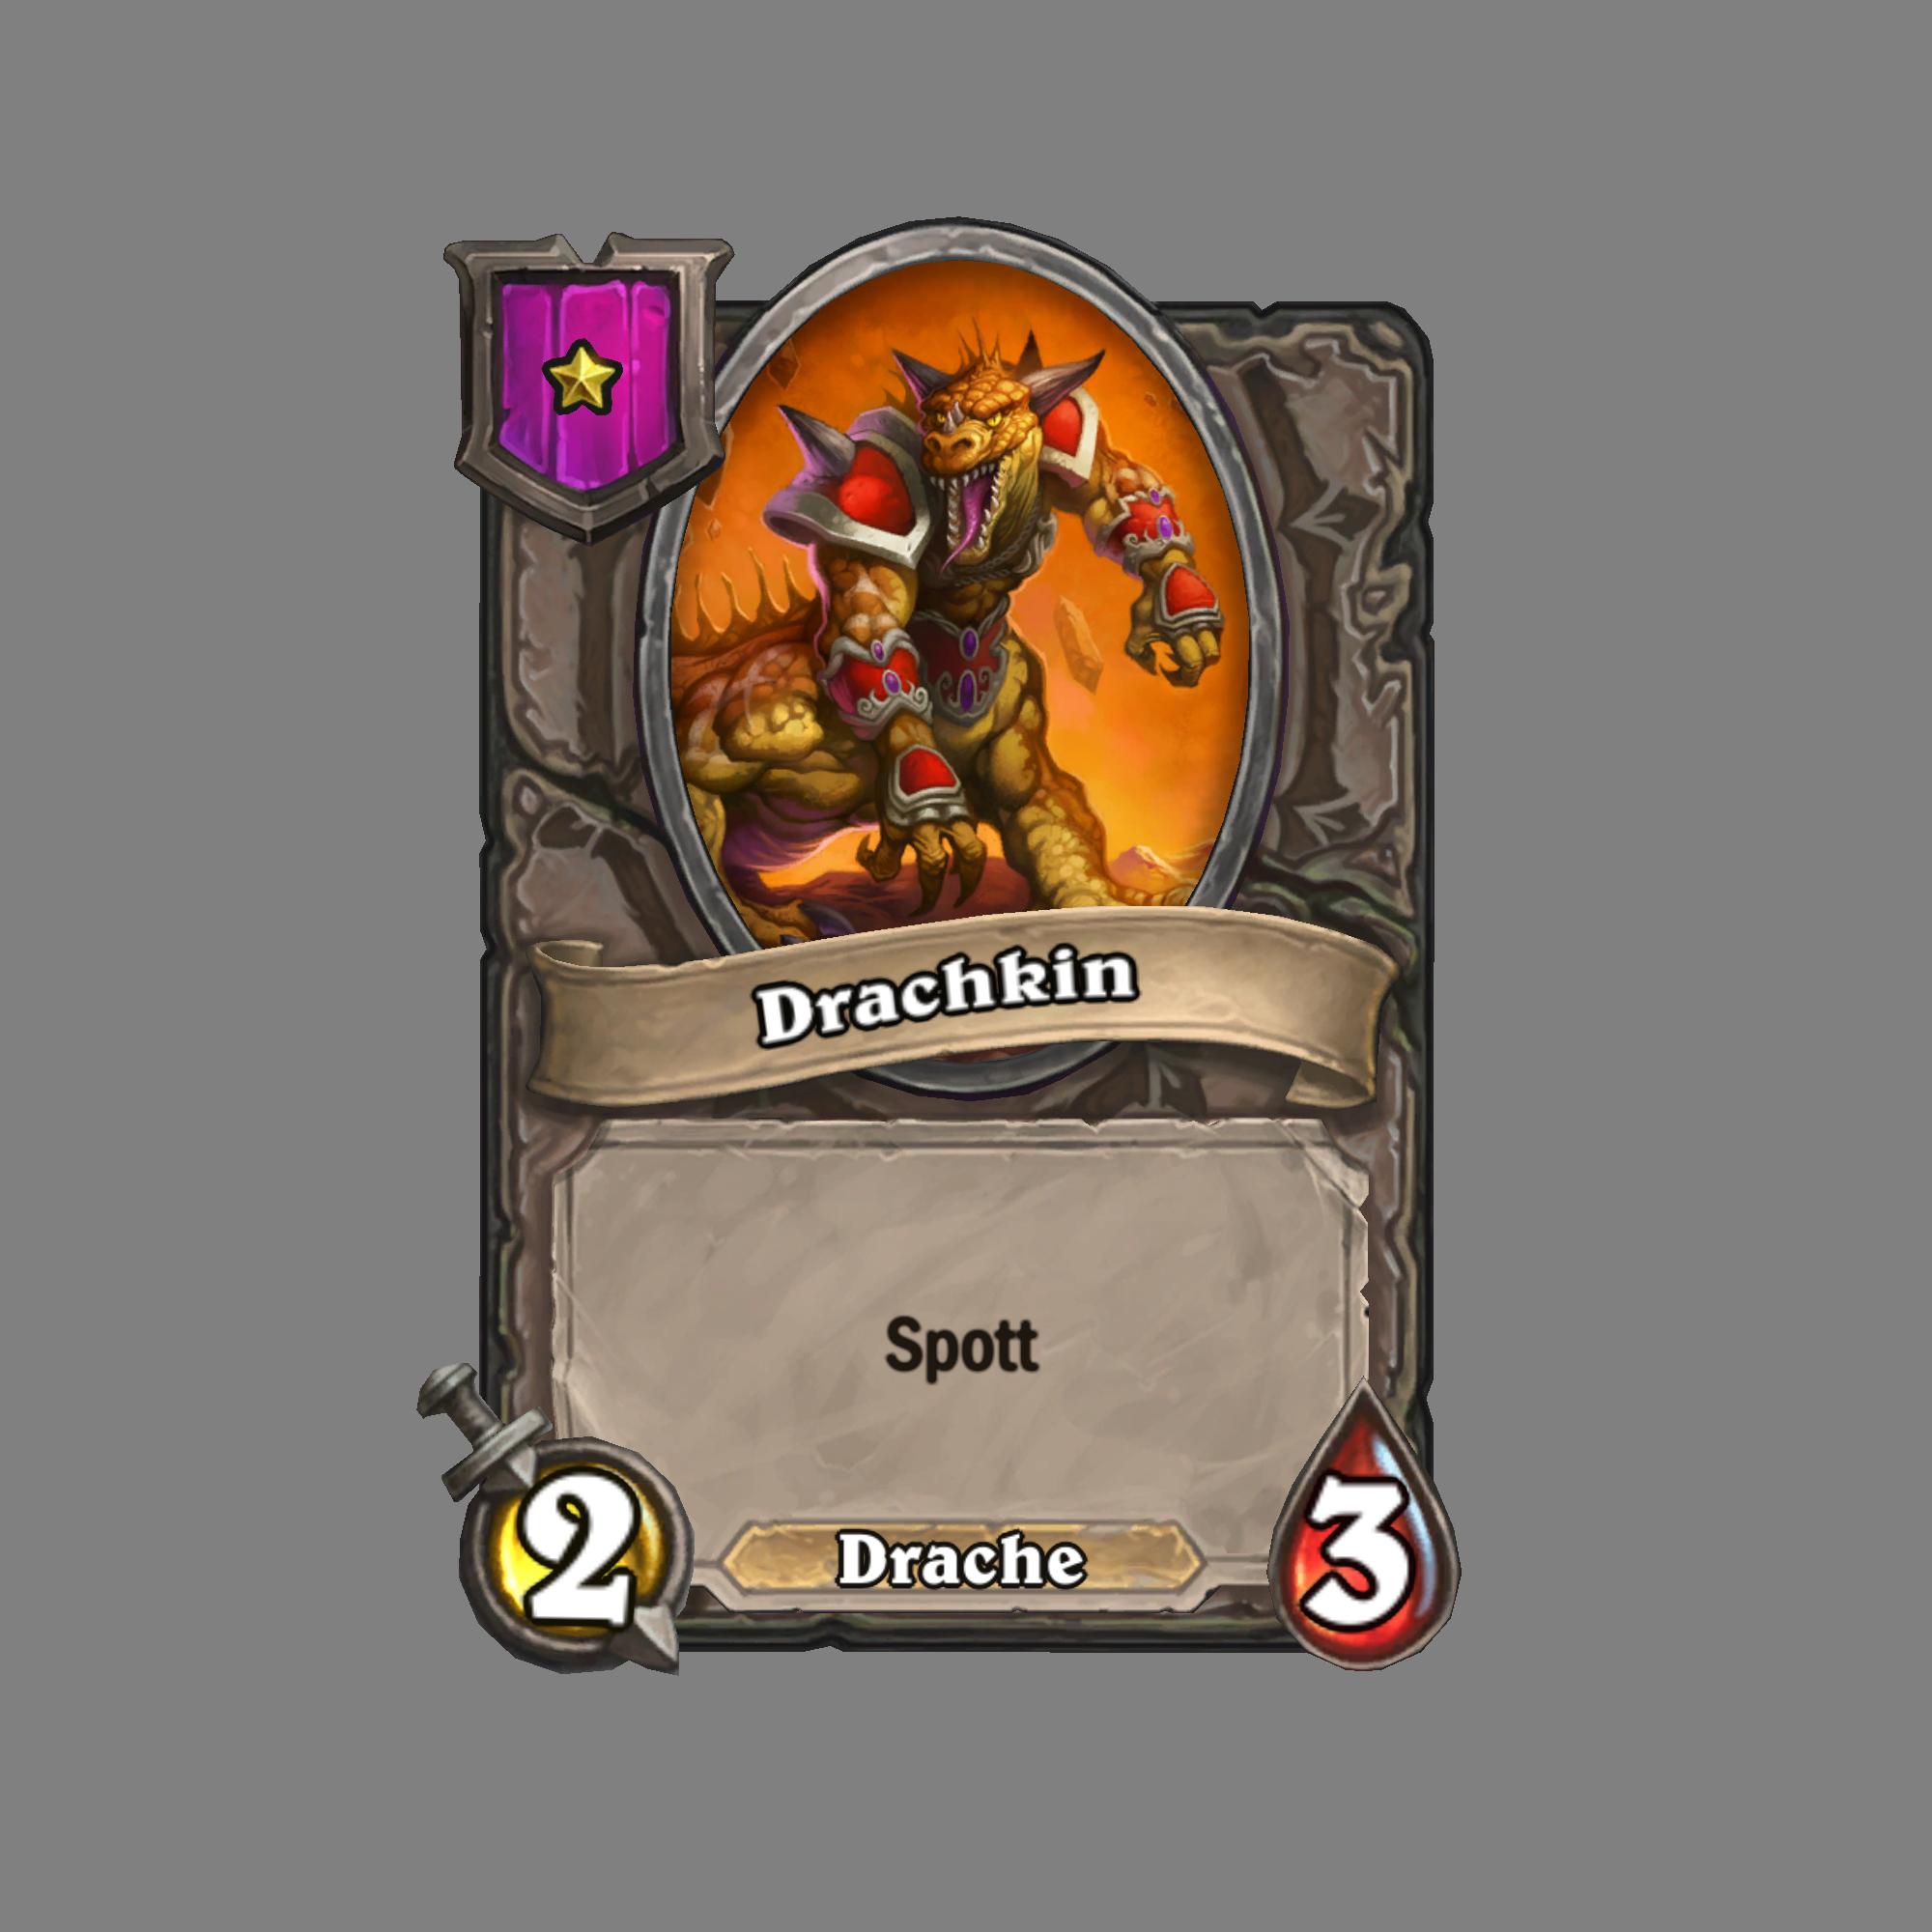 Drachkin